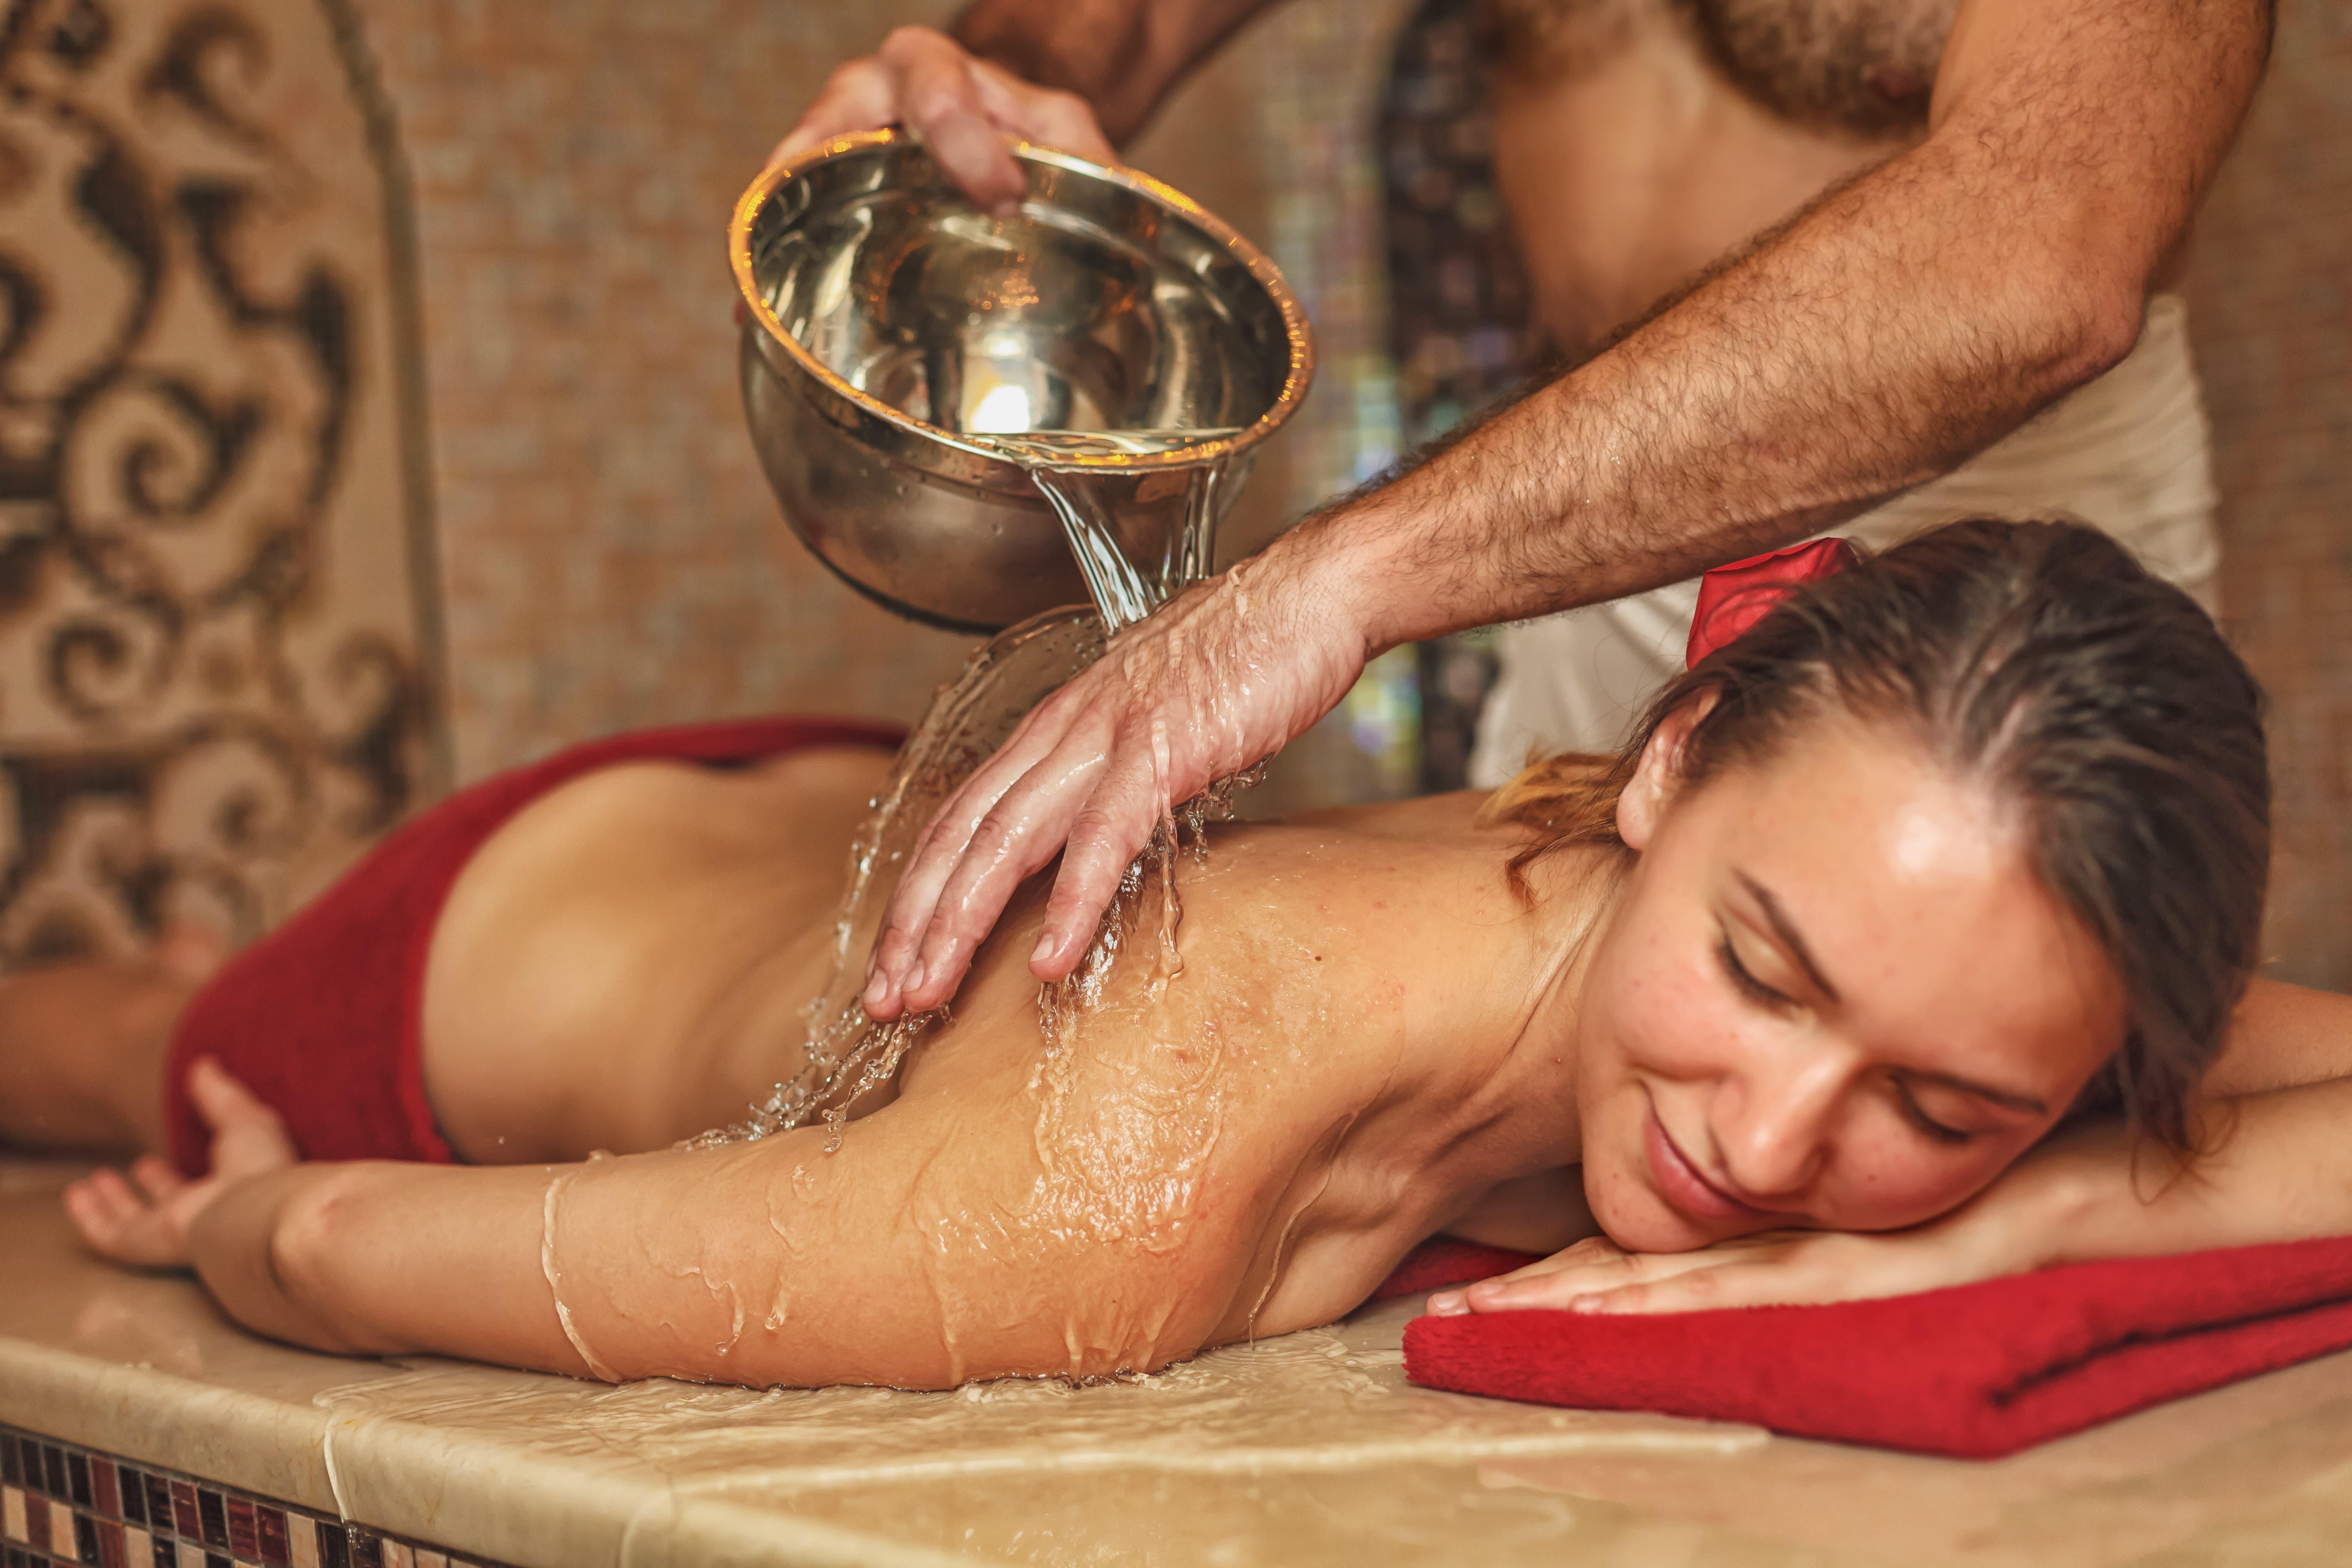 Как приготовить пену для пенного массажа? | информационный сайт о турецкой бане - хаммаме!